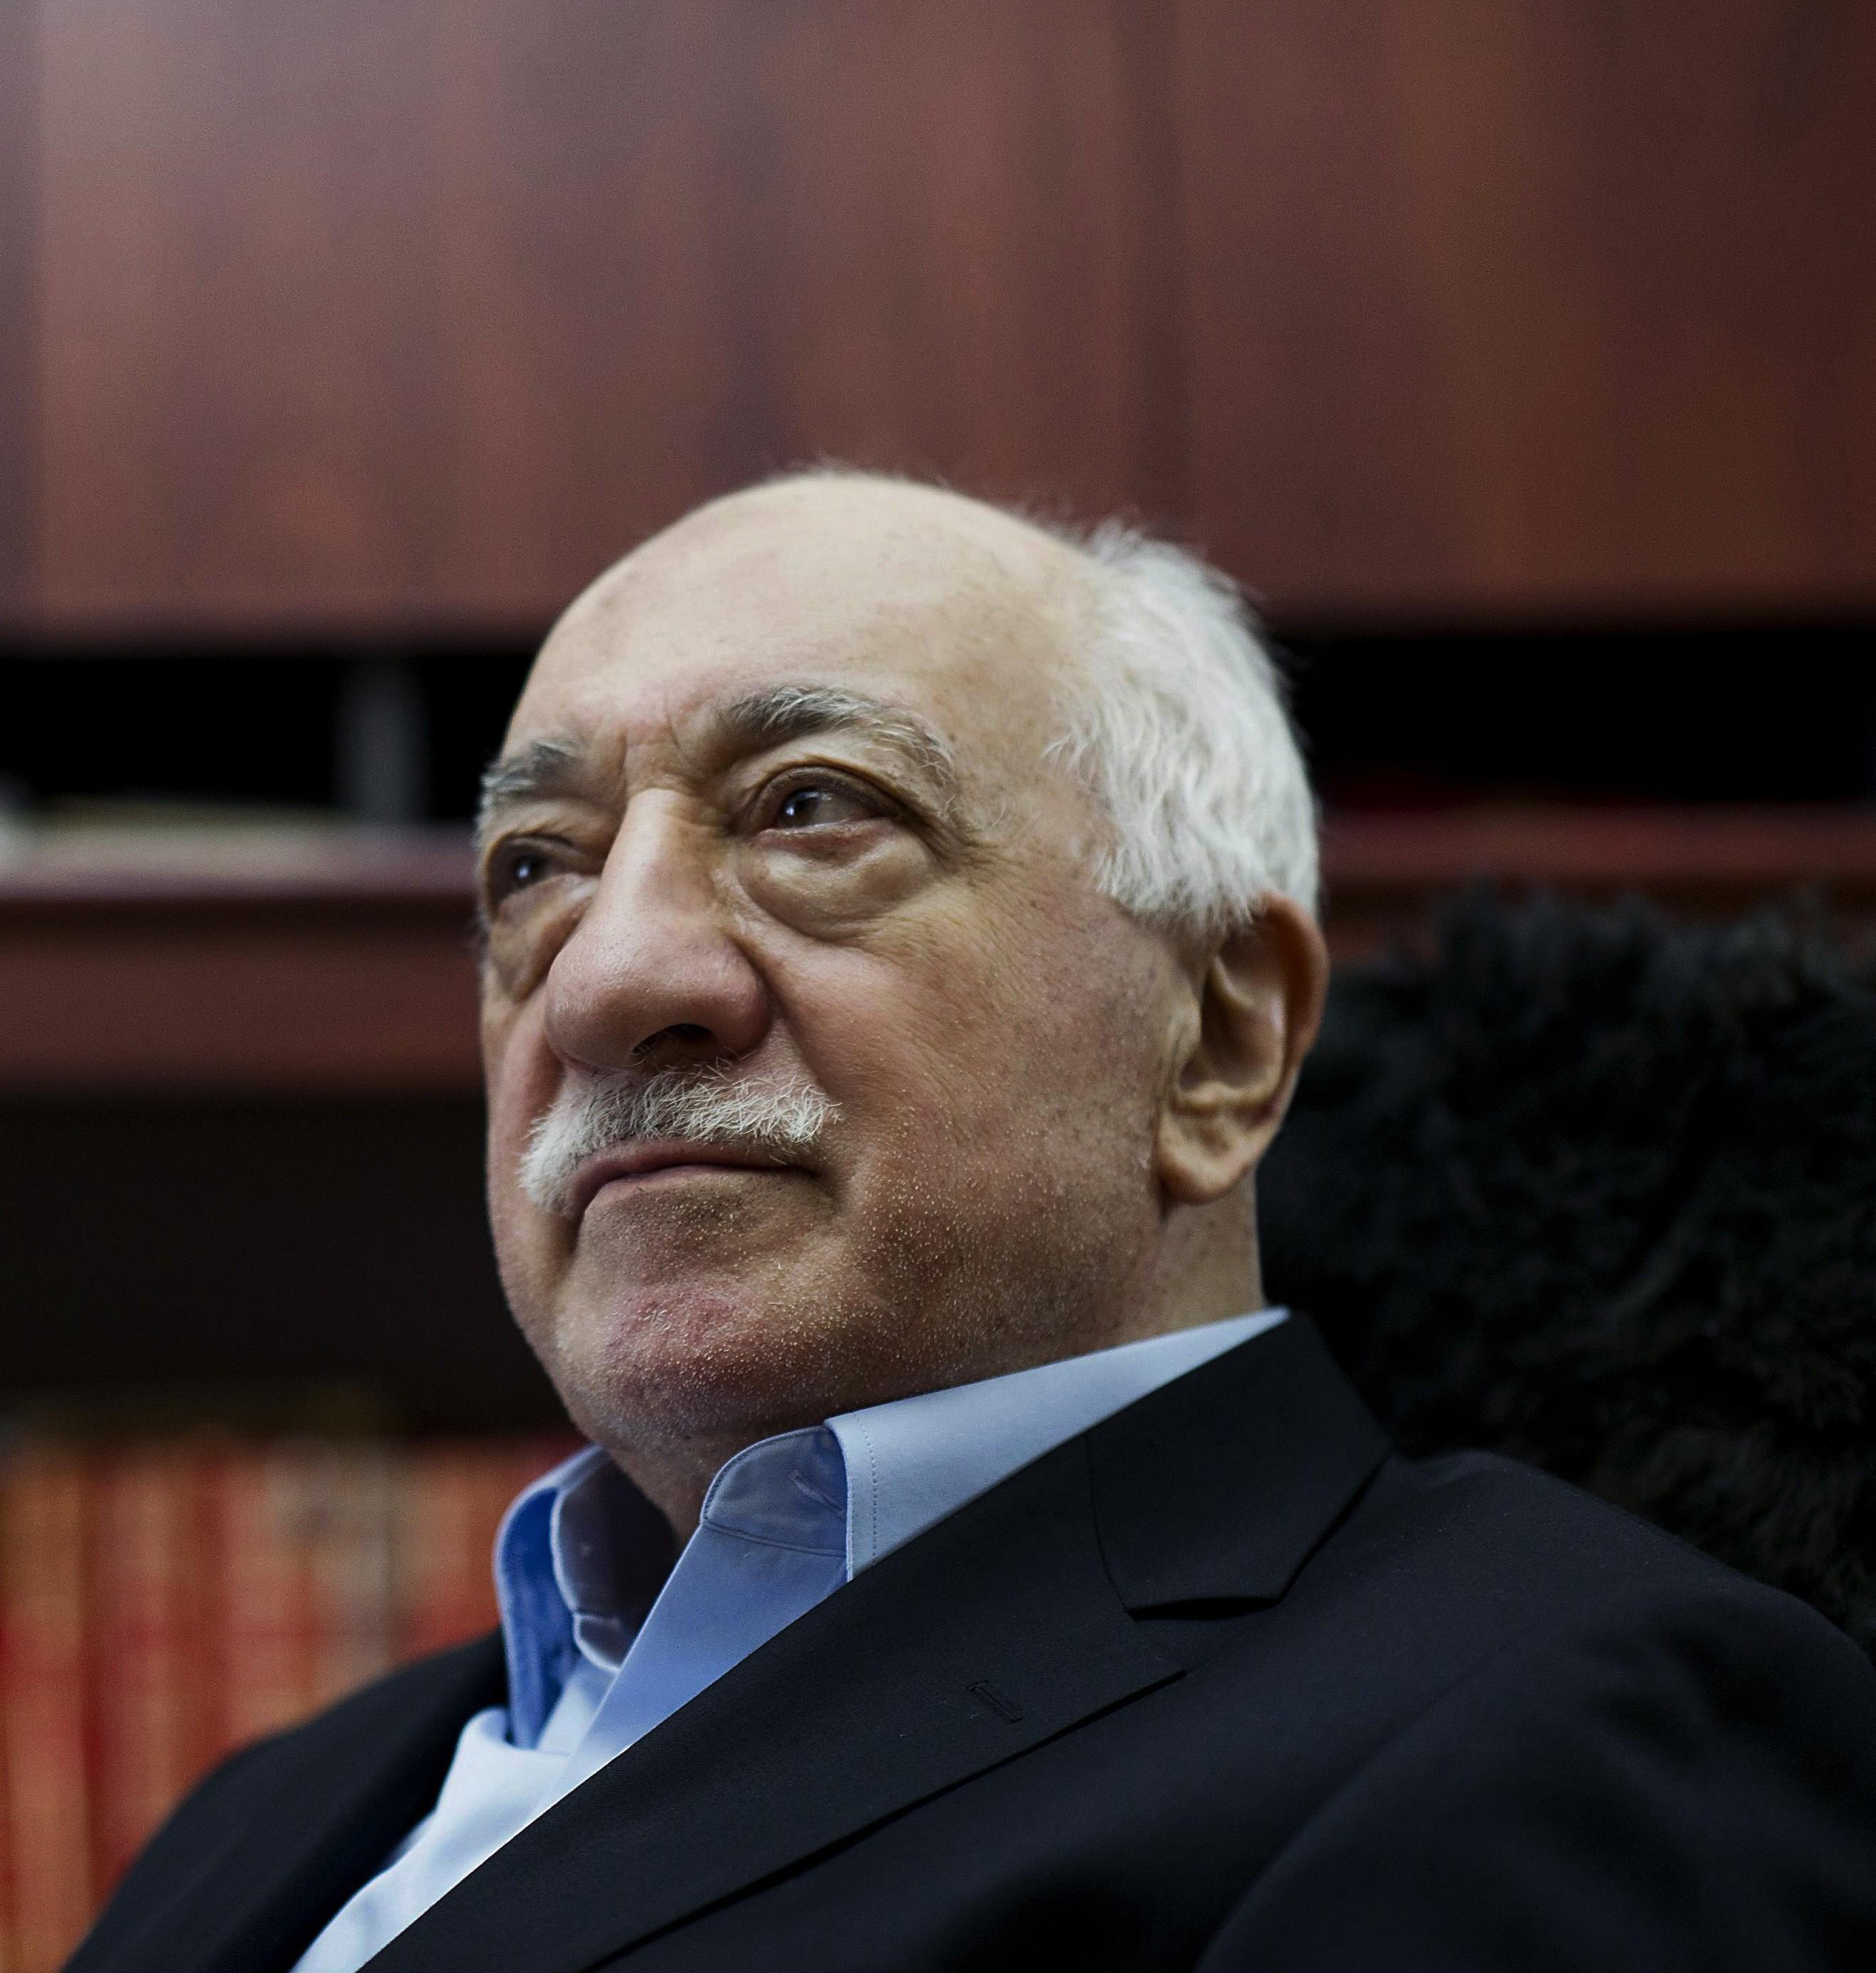 Turkish Muslim cleric Fethullah Gulen,  in Saylorsburg, Pa, on March 15, 2014. (AP Photo/Selahattin Sevi)